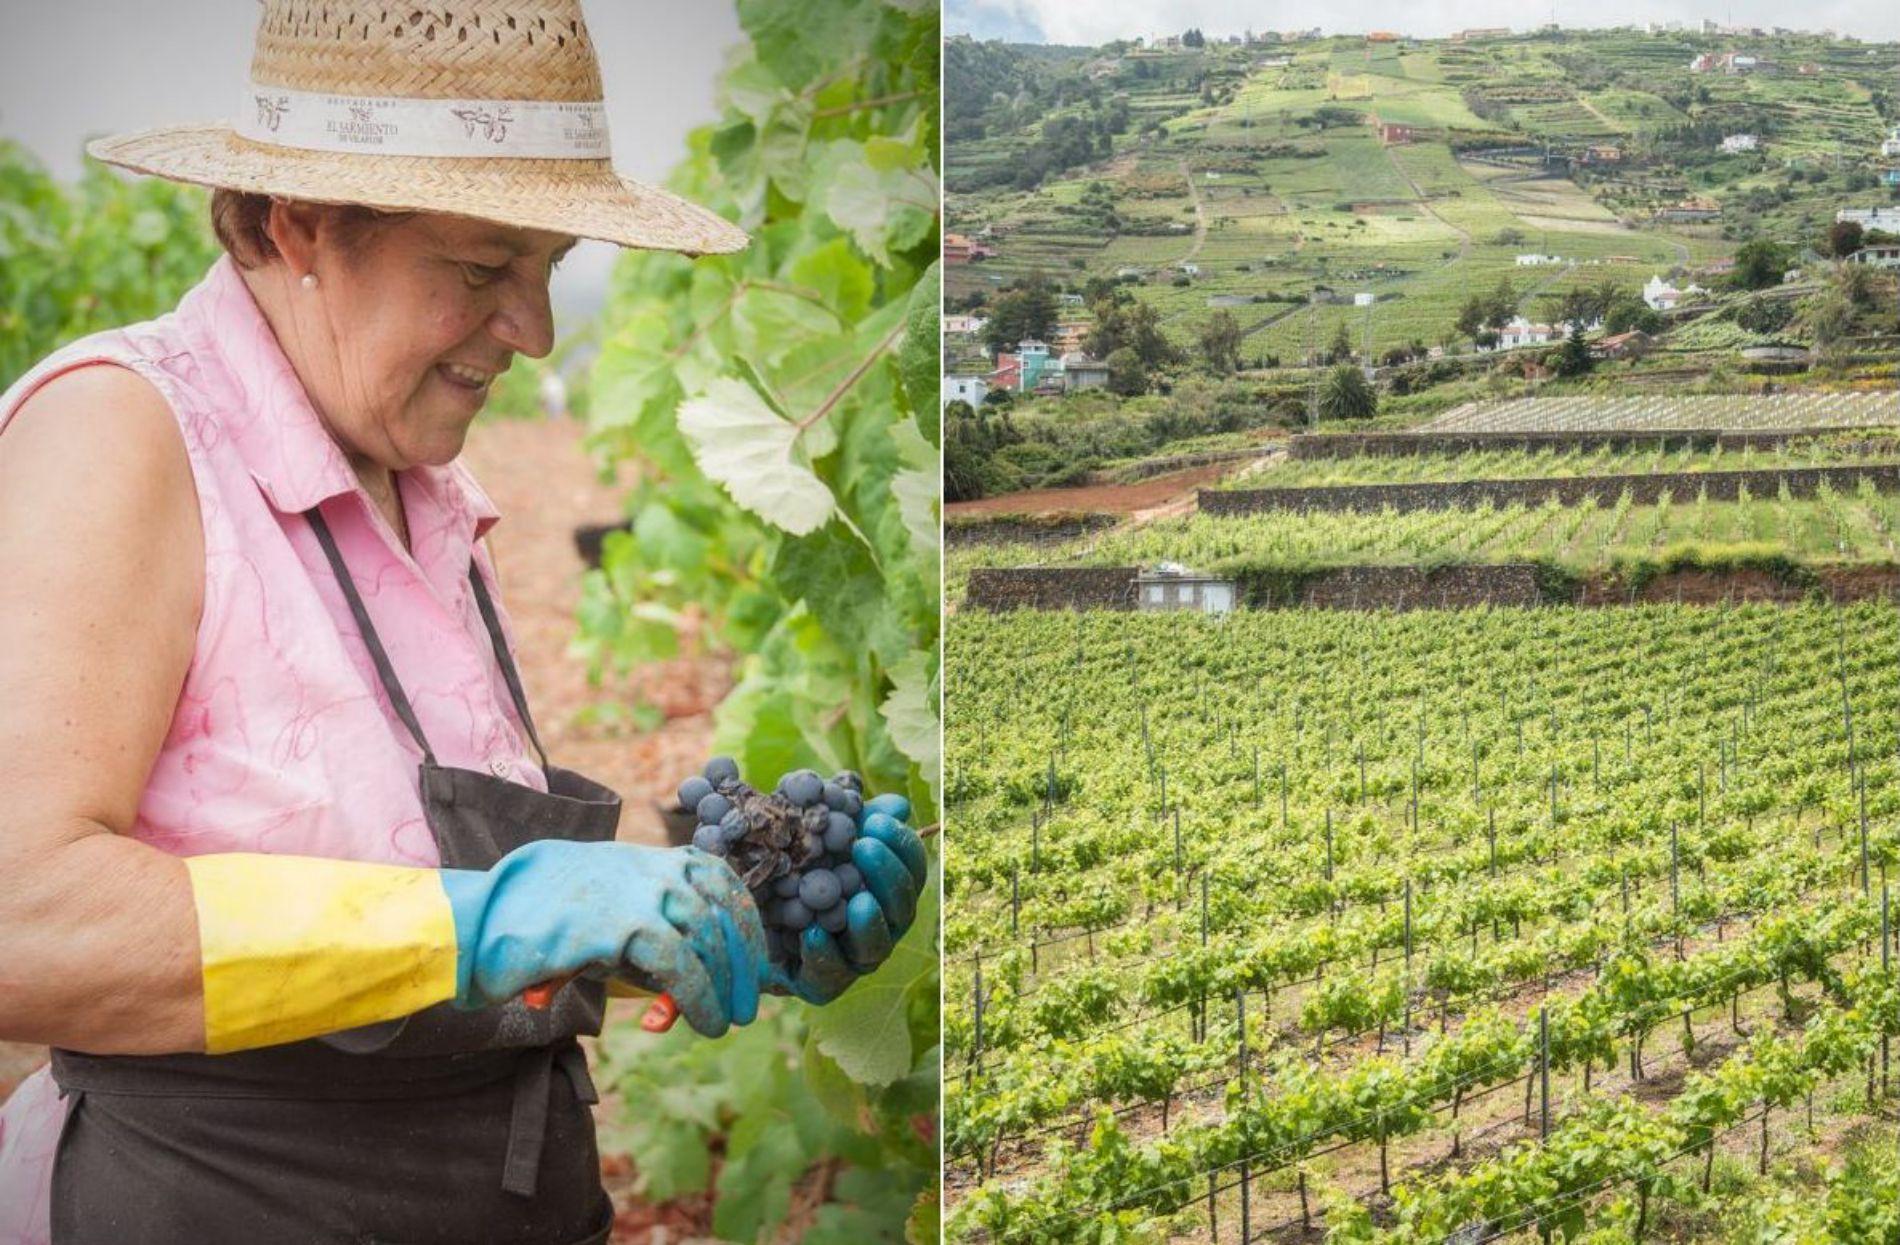 Canarias es también una reserva de sarmientos de uva históricos que dejaron quienes pasaron por aquí.